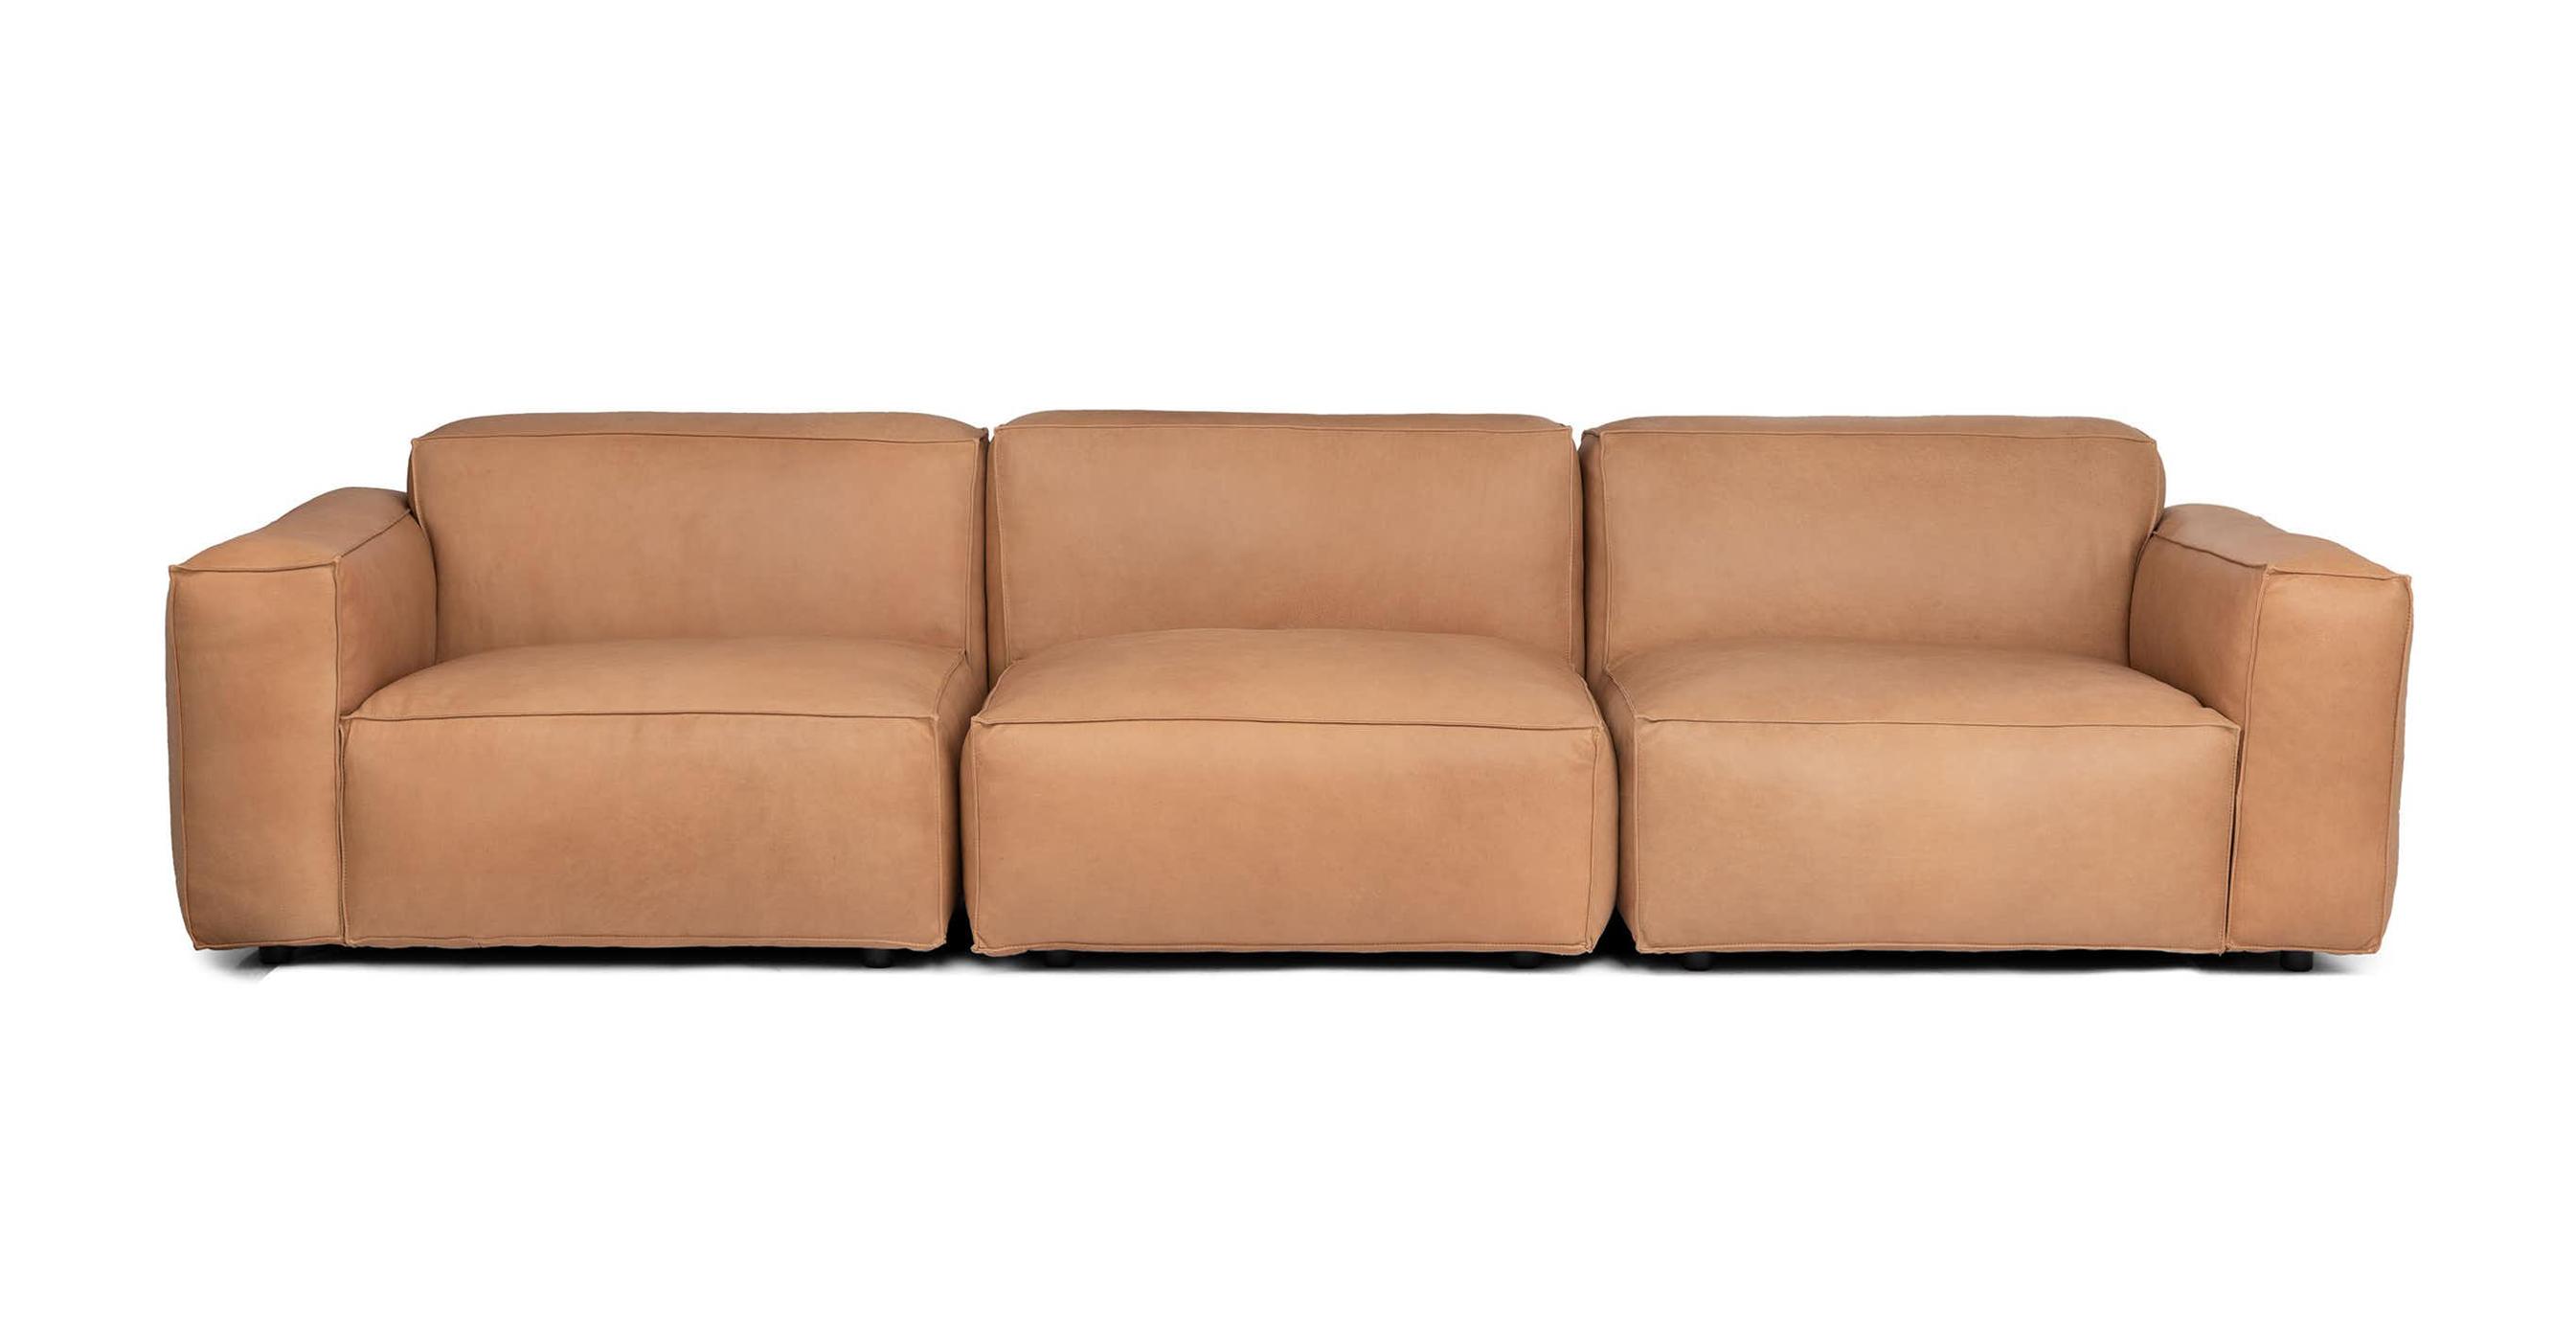 Ghế Sofa bọc da gỗ tự nhiên 3 chỗ ngồi Sketch1/9